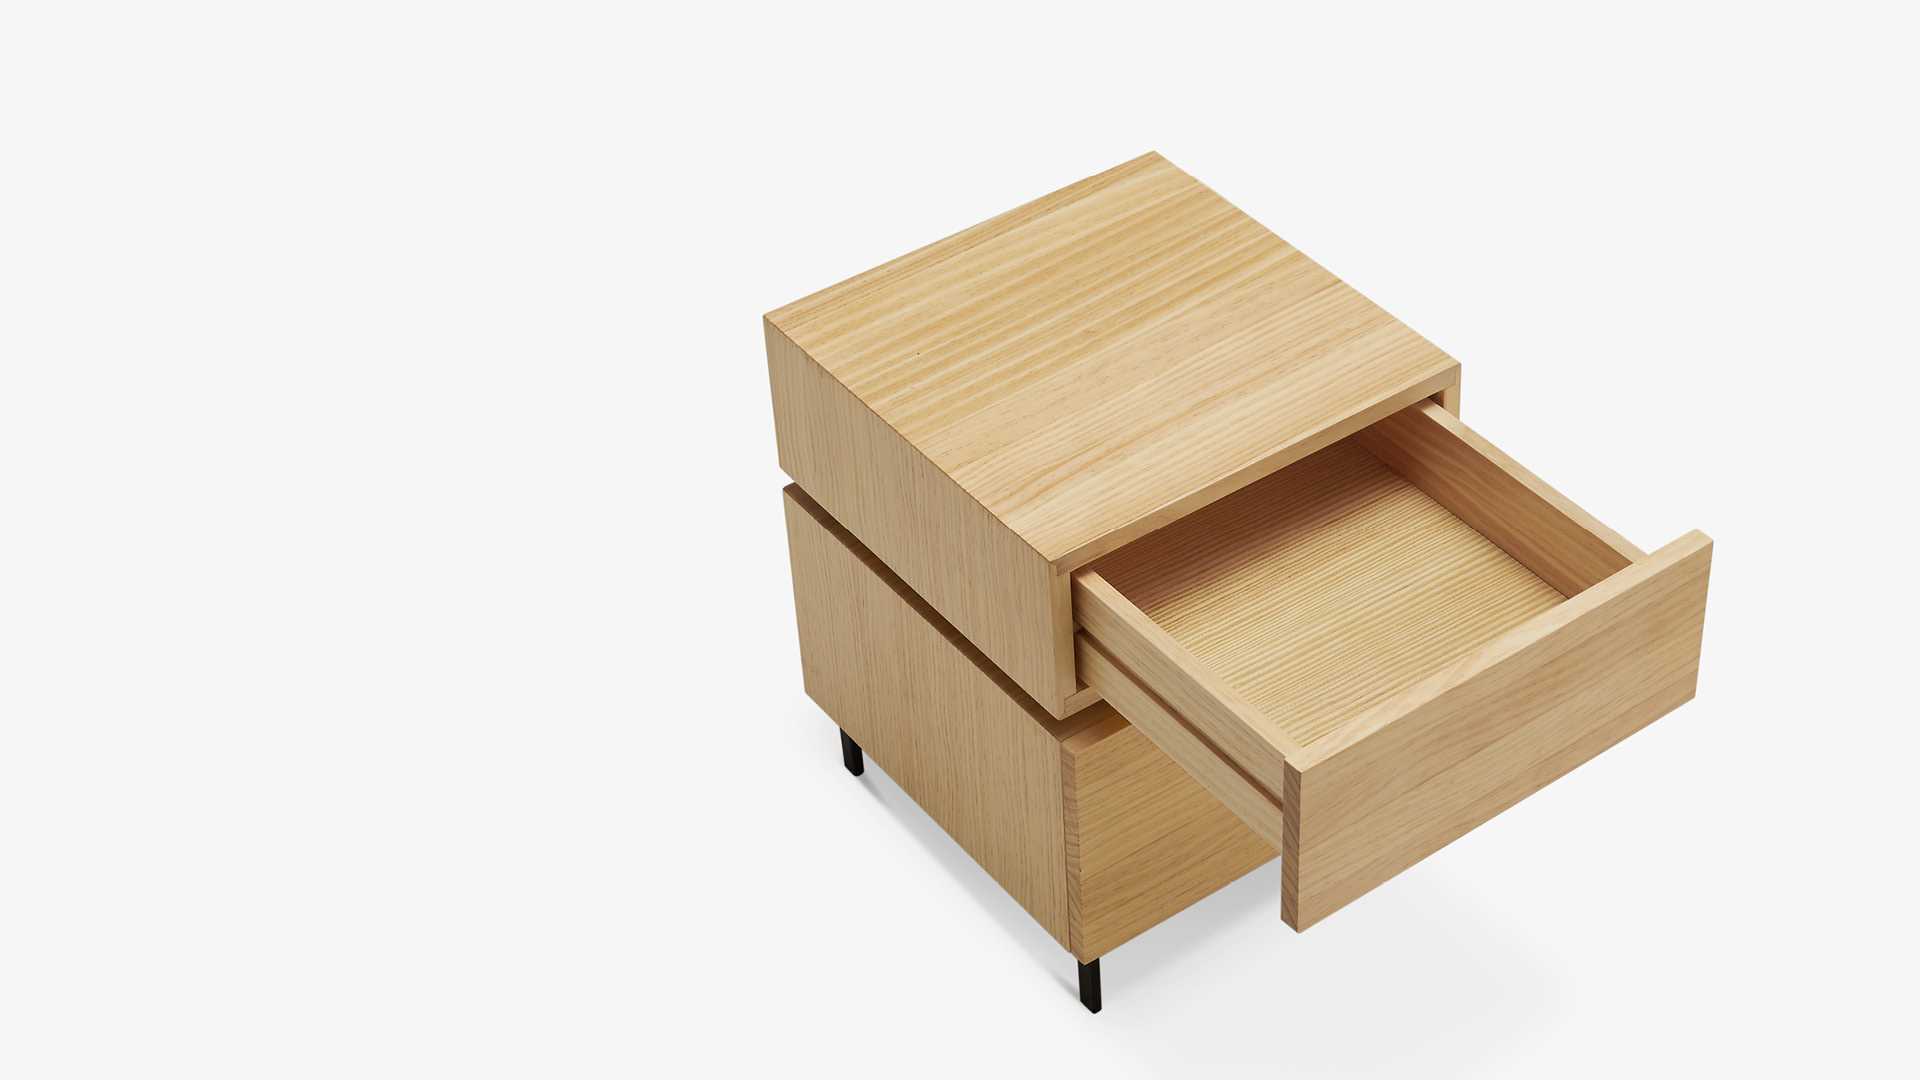 1柜1盒,讓容積最大化<br/>單層可收納更多